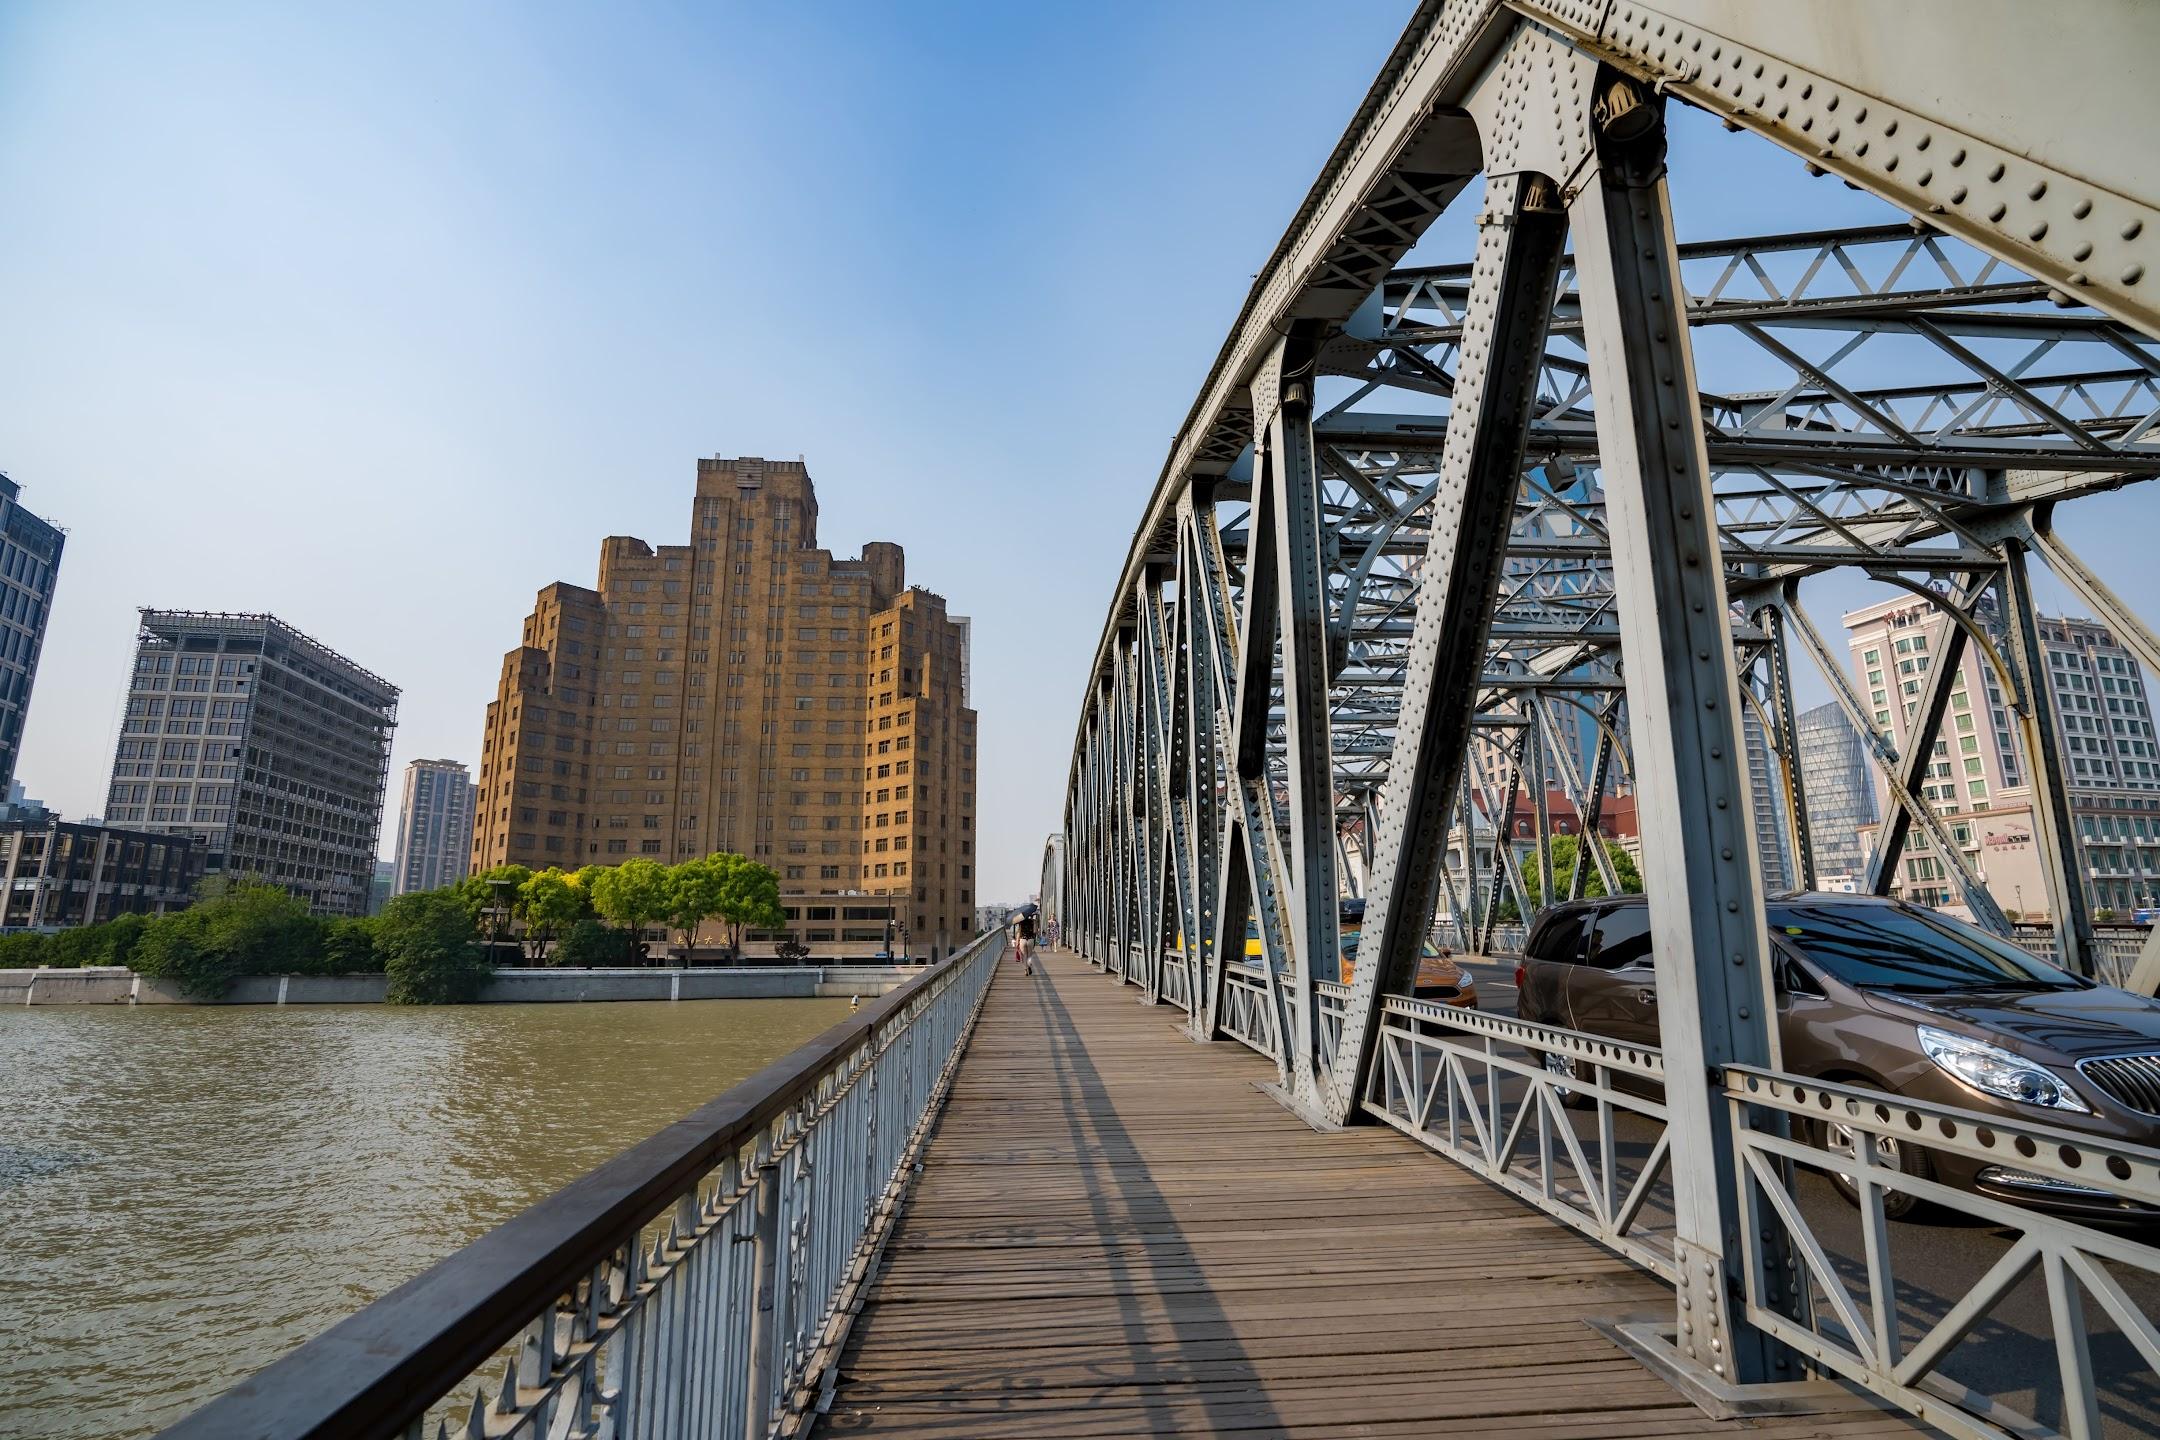 Shanghai Garden Bridge